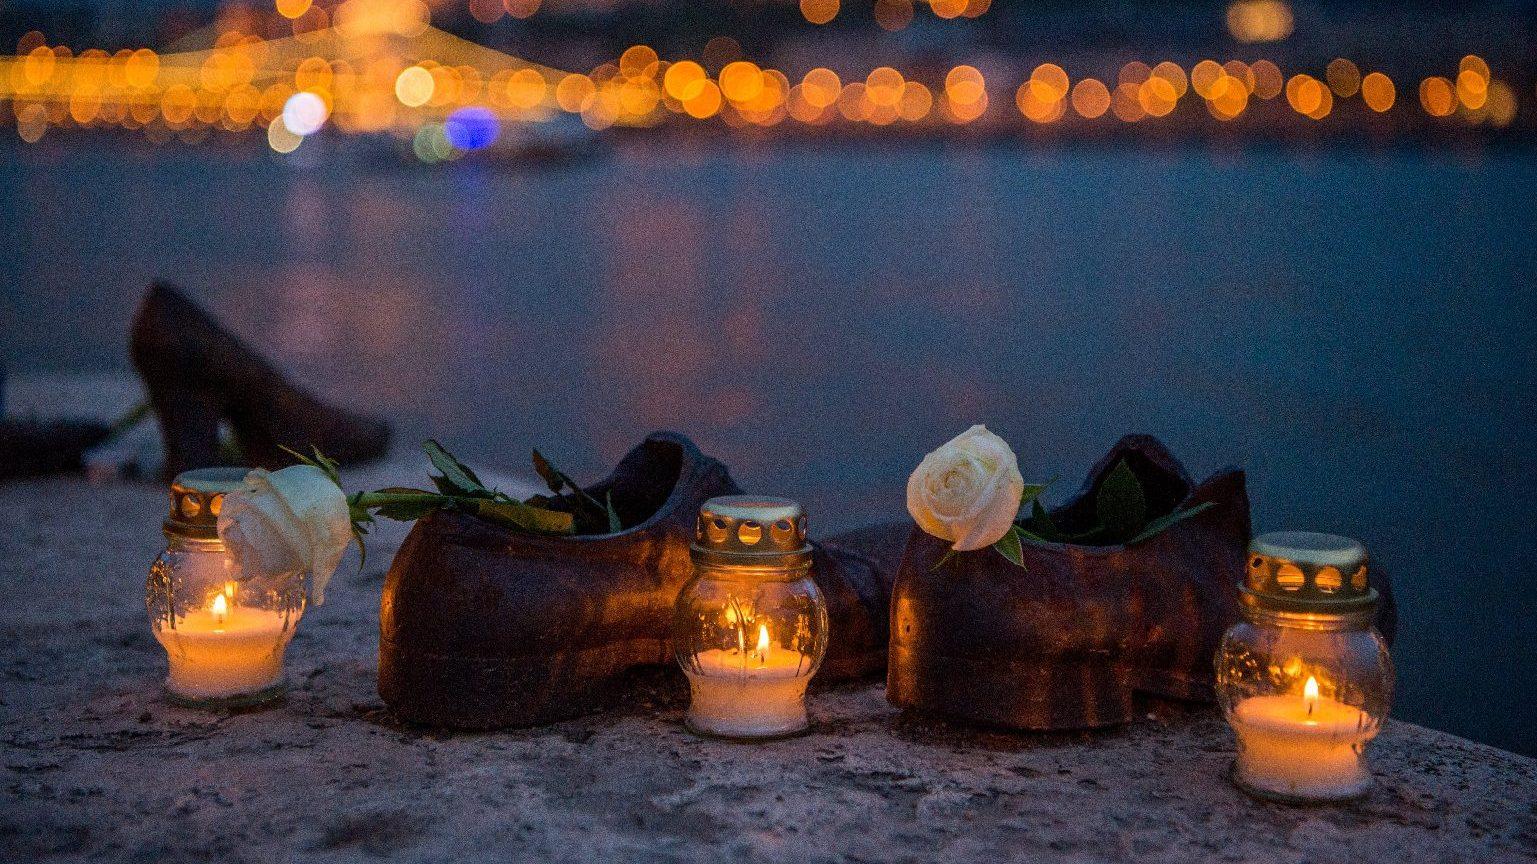 Másodpercek alatt döntöttek életről és halálról – A holokauszt magyar áldozataira emlékezünk